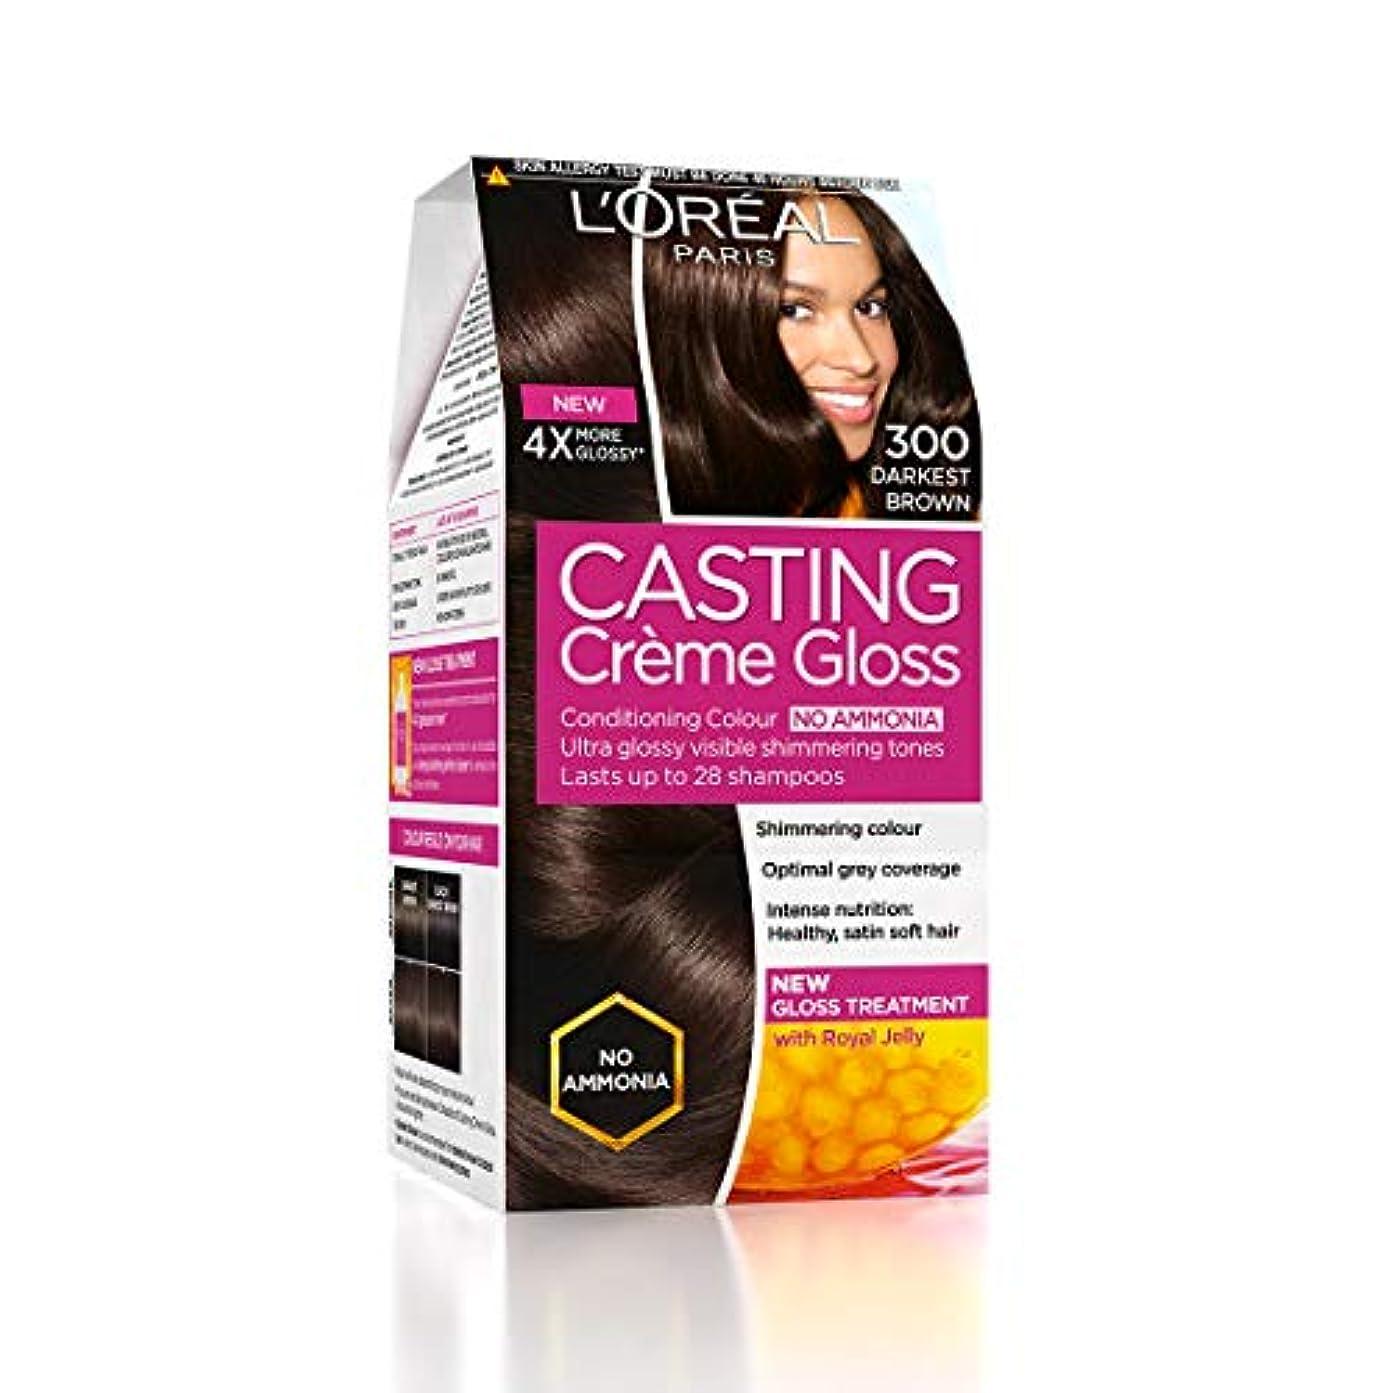 くさび哲学的蒸発L'Oreal Paris Casting Creme Gloss Hair Color, Darkest Brown 300, 87.5g+72ml